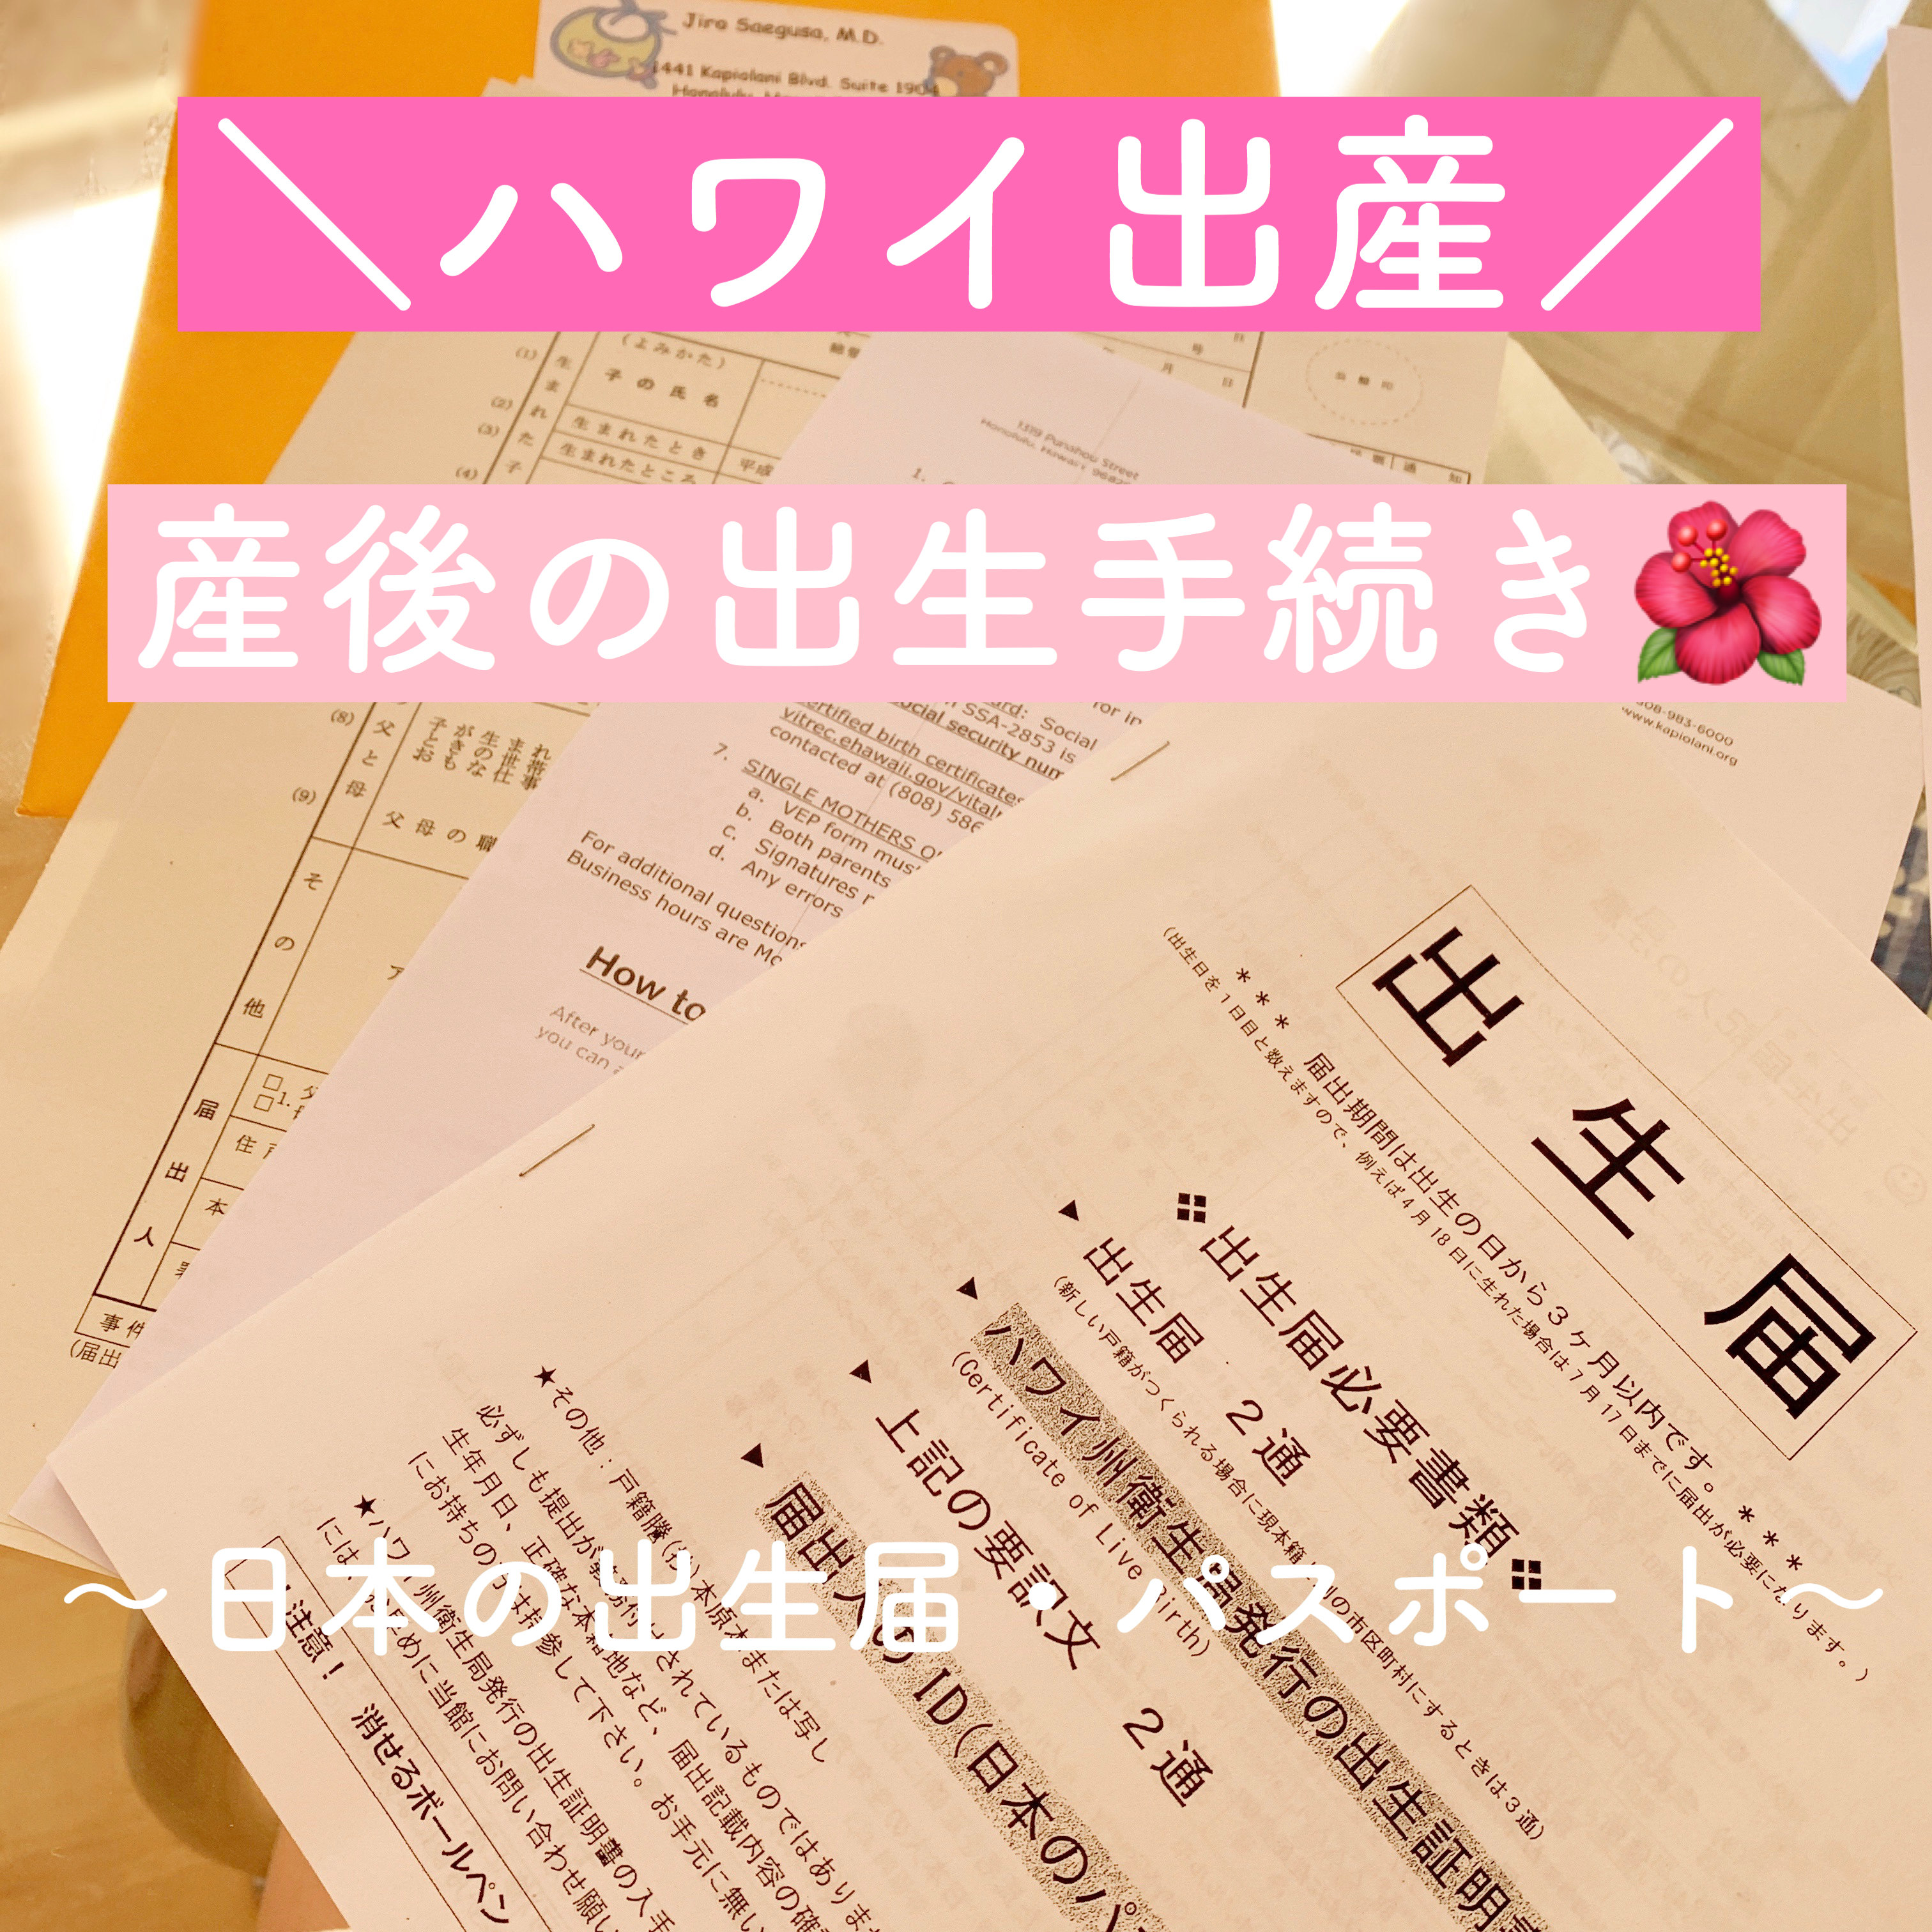 【ハワイ出産】産後の出生手続き アメリカと日本の出生届・パスポート【申請】